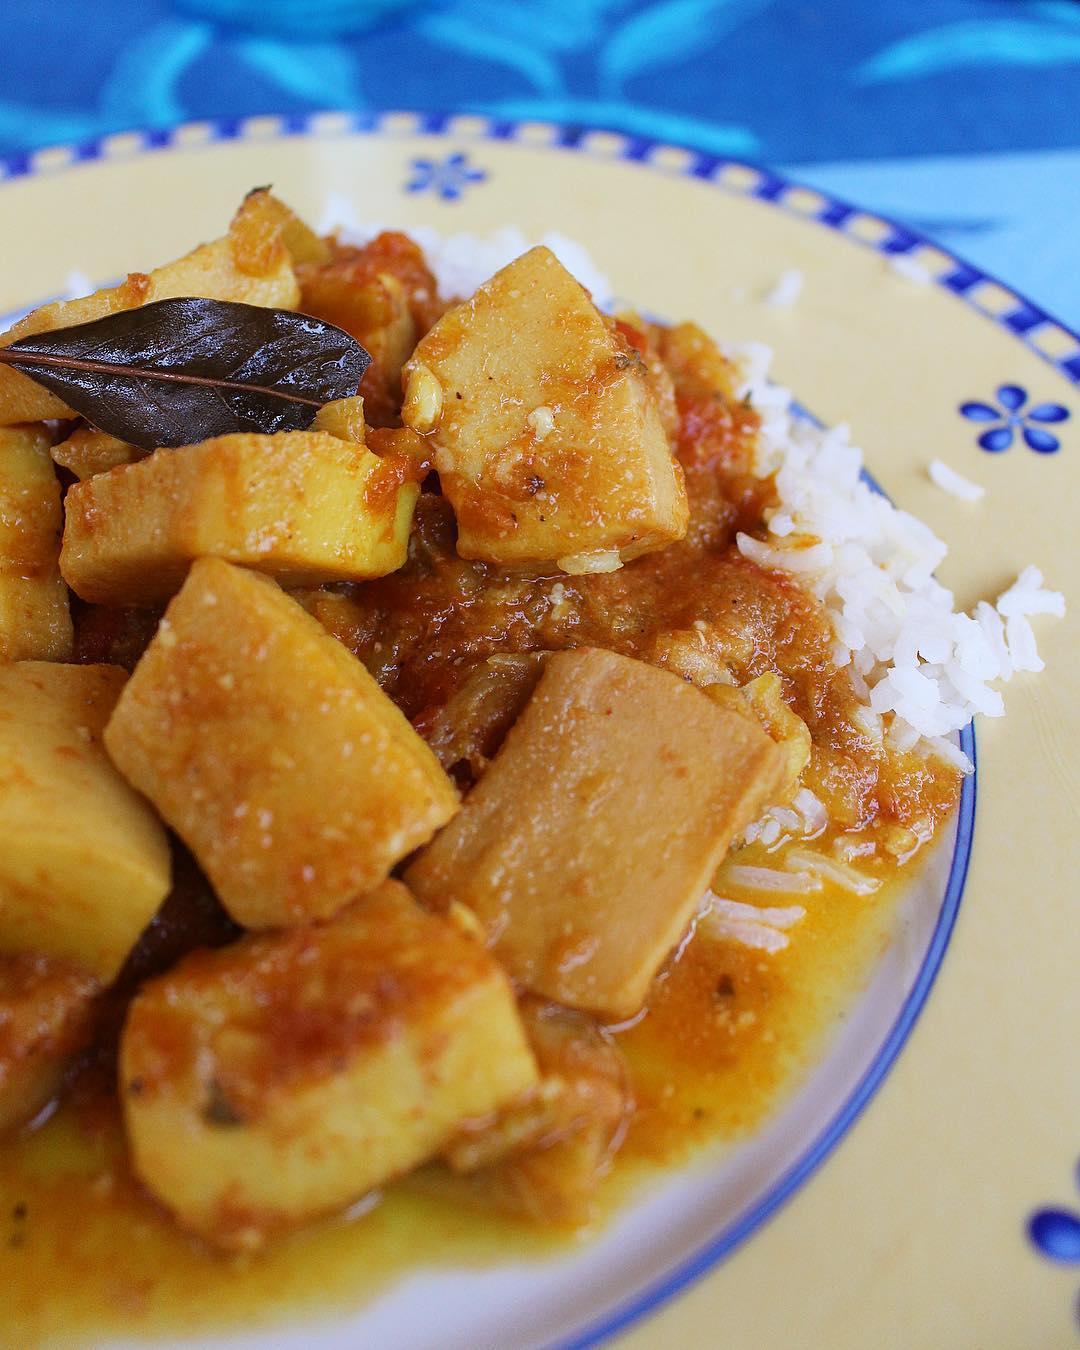 Rouille à la sètoise de ma maman ?❤️ . _________________ #food #fooding #foodlover #blogfood #foodblogger #crevettes #shrimps #montpellier #pintademontpellier #rouille #sete #pintadesete